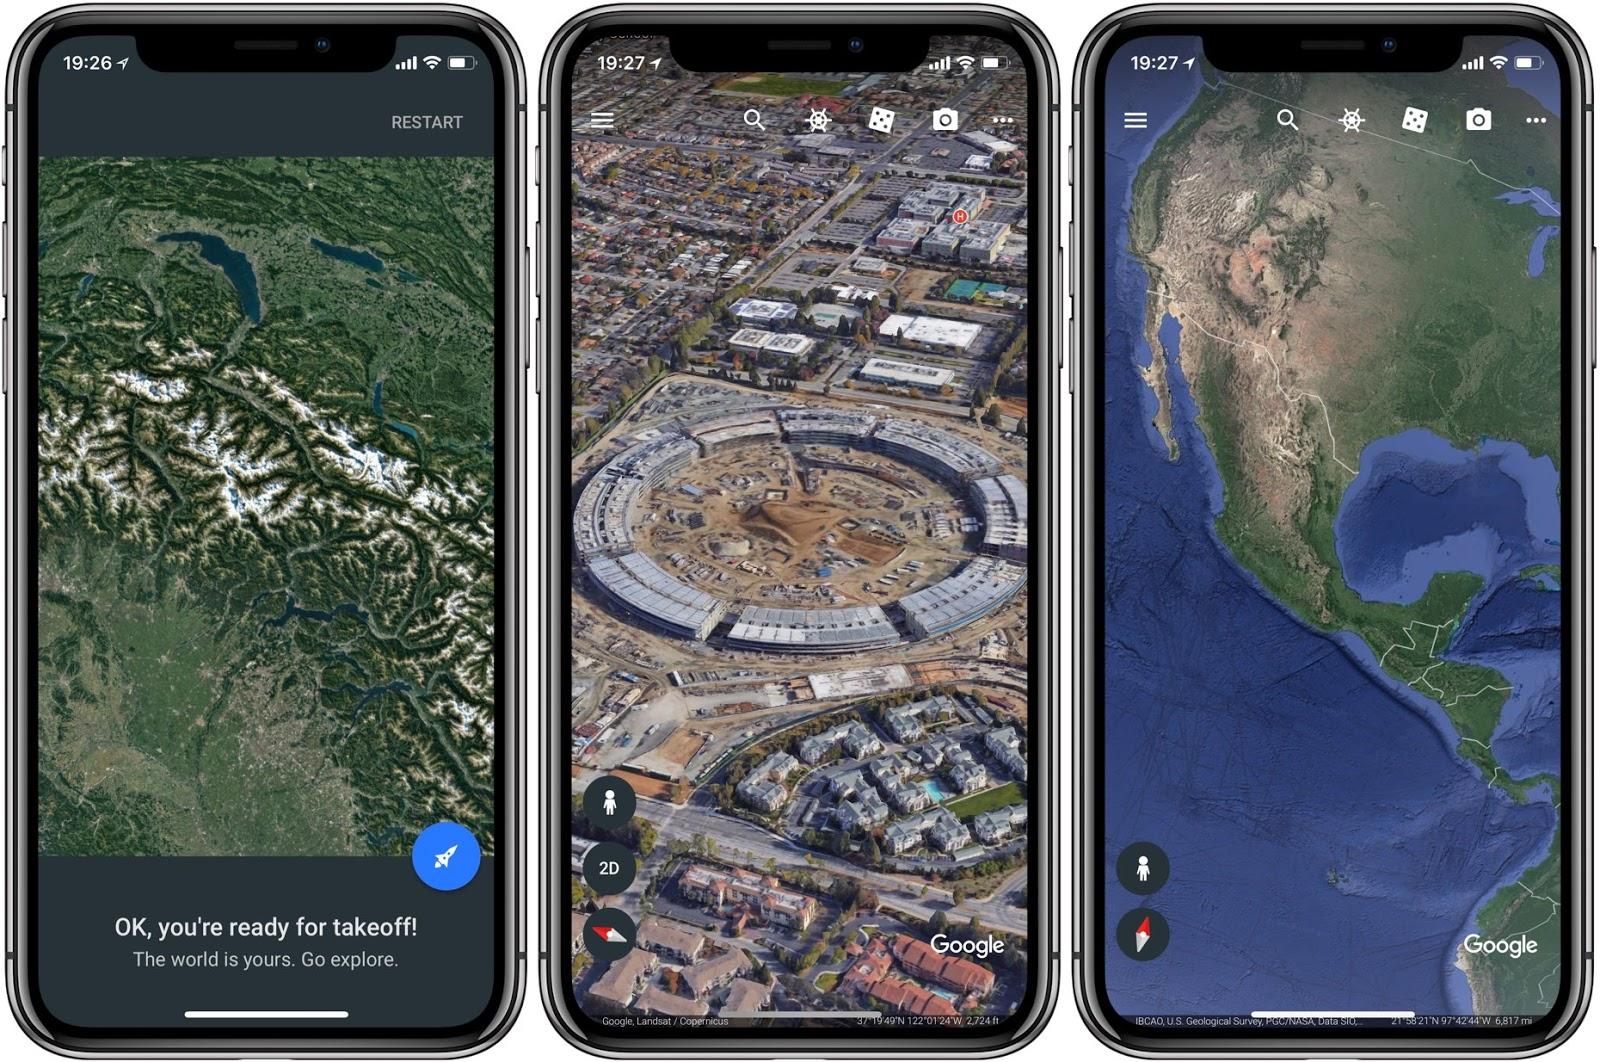 你家离北极有多远?用Google 地球测量一下就知道| 香港硅谷